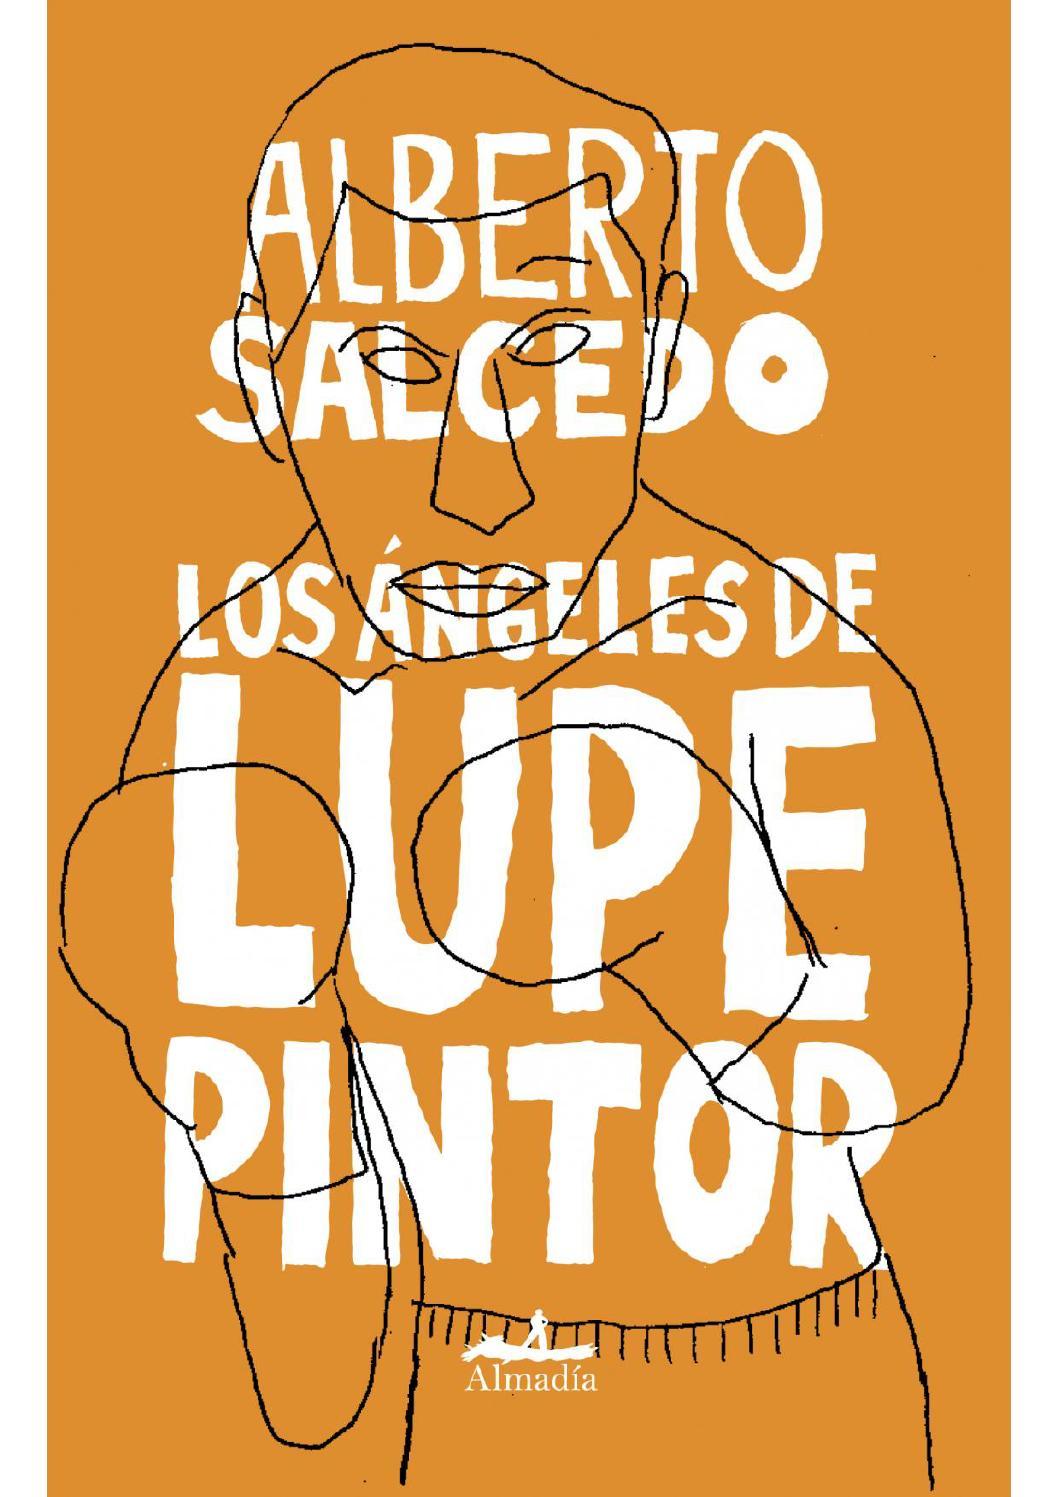 LOS ÁNGELES DE LUPE PINTOR by Aristegui Noticias - issuu 848ccb5984fbd